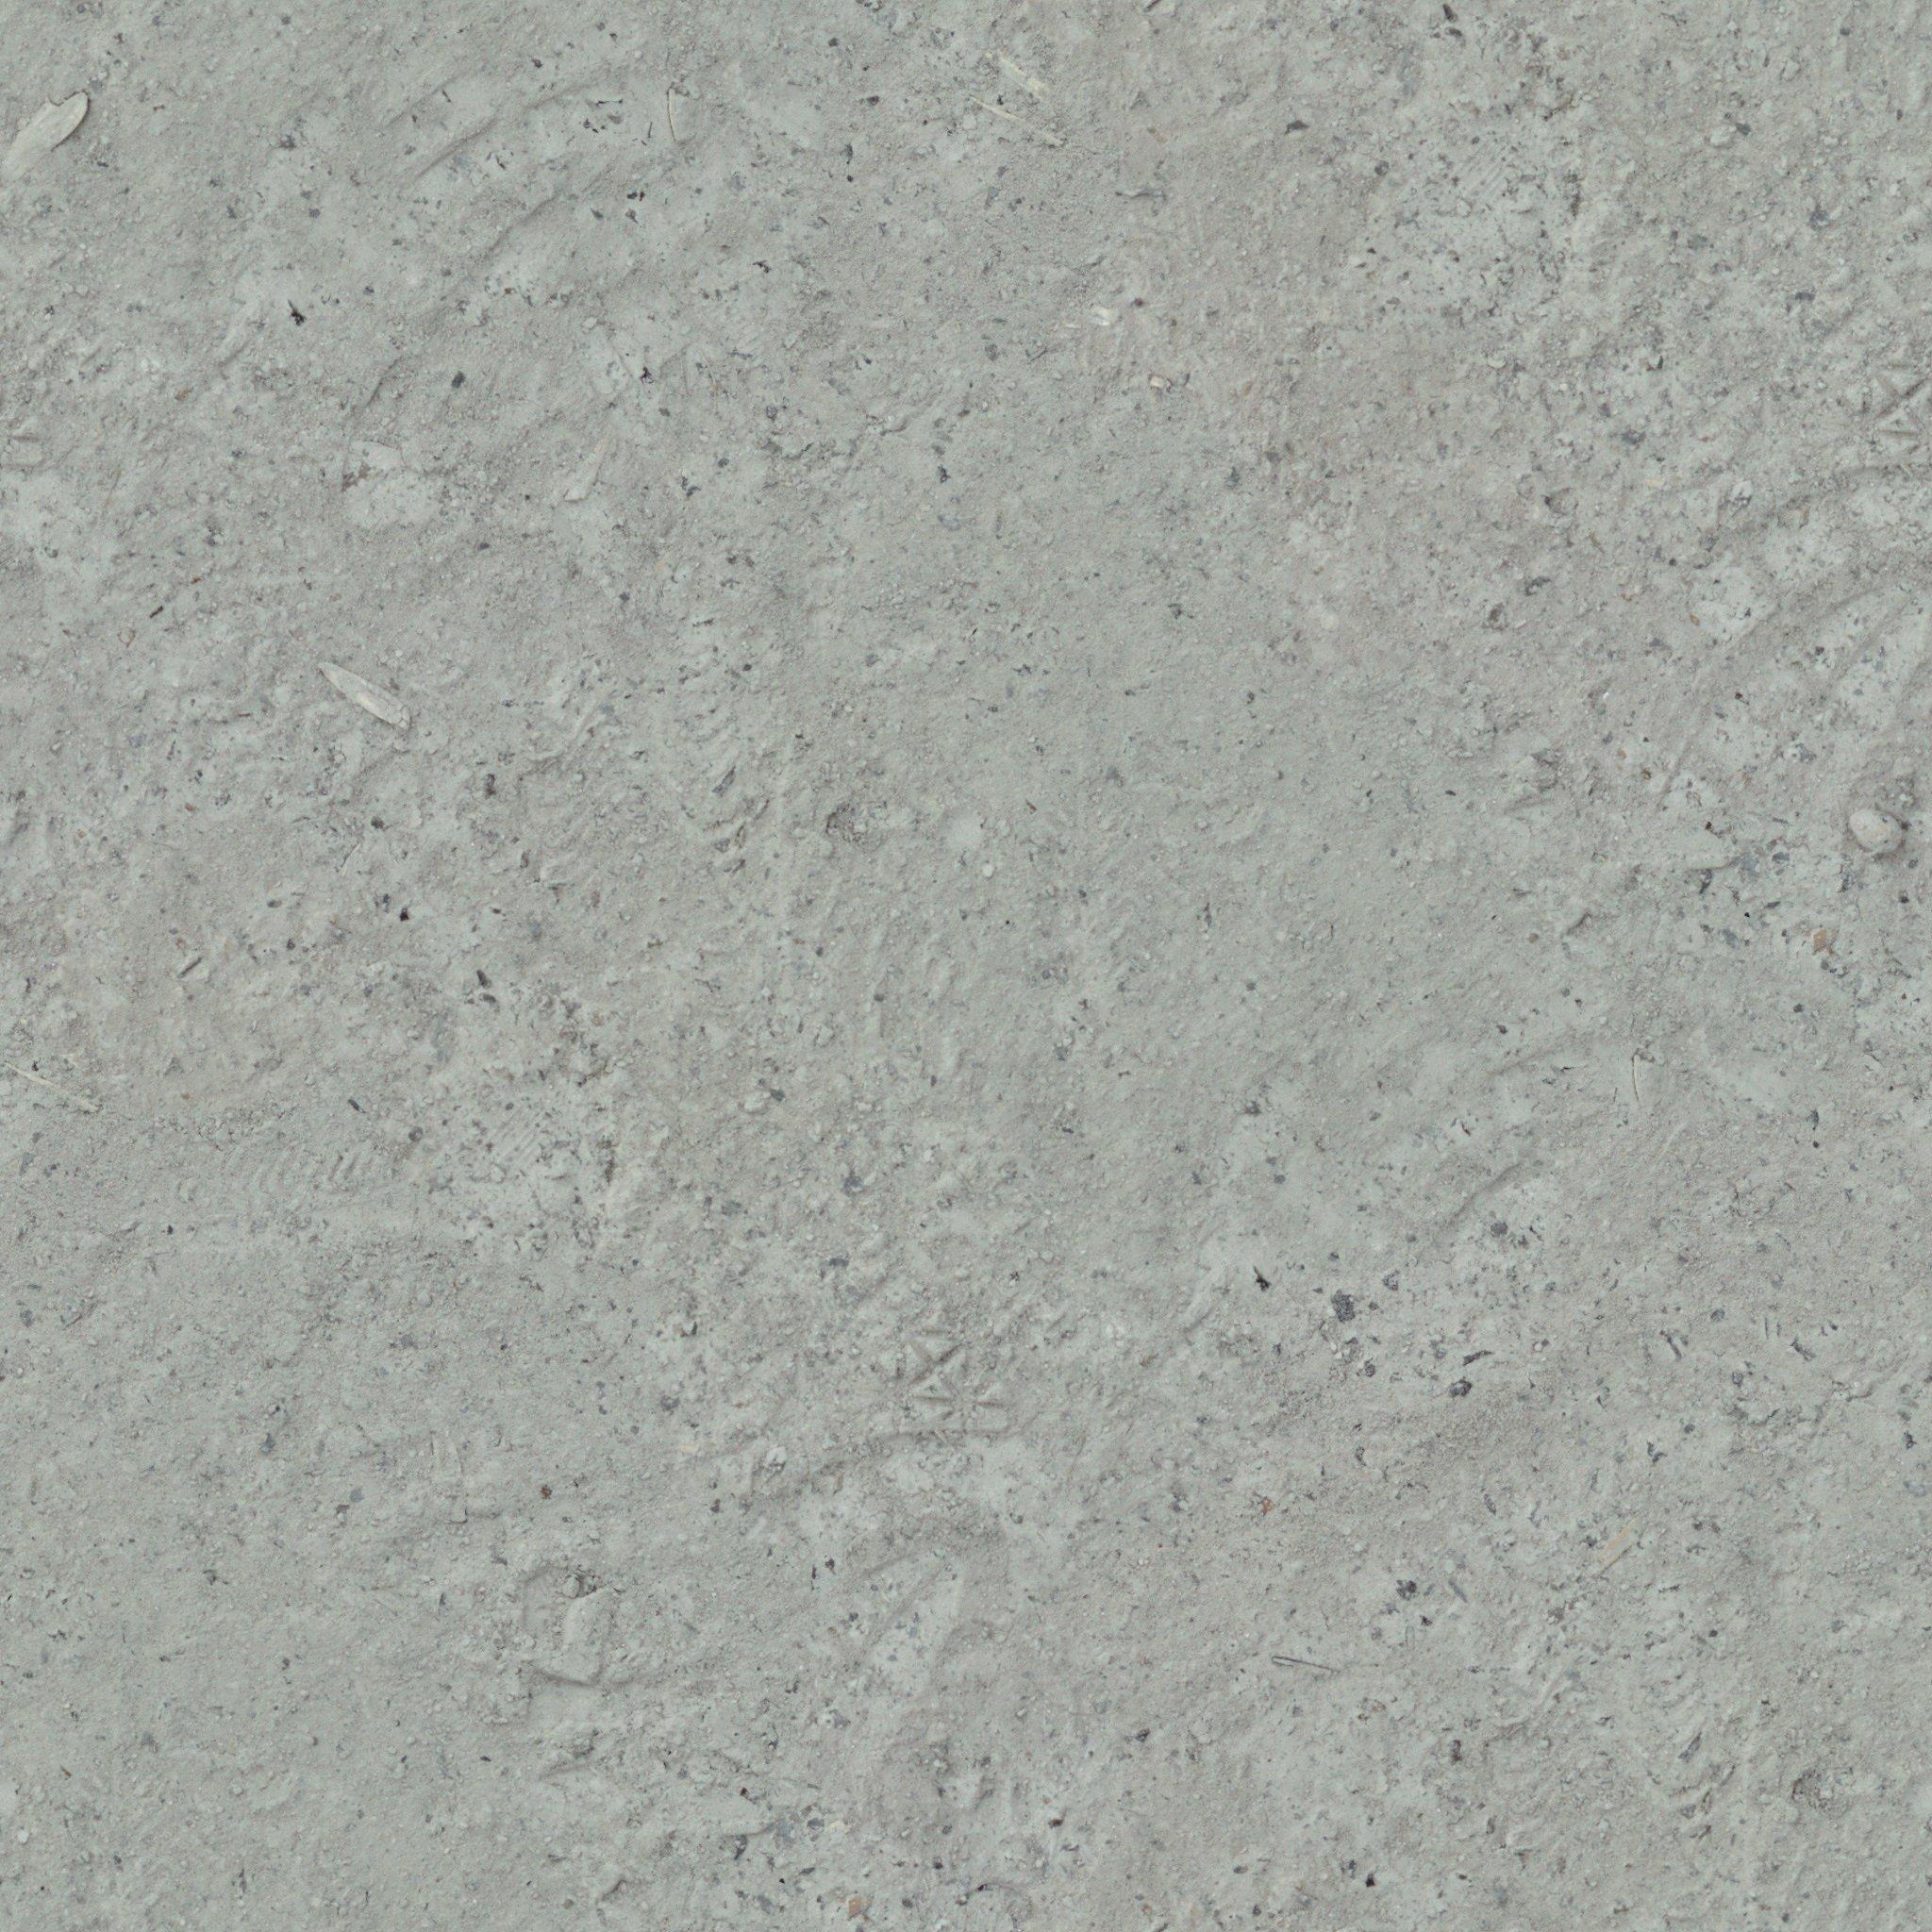 Concrete Texture Tileable 2048x2048 ~ Textures ~ Creative Market